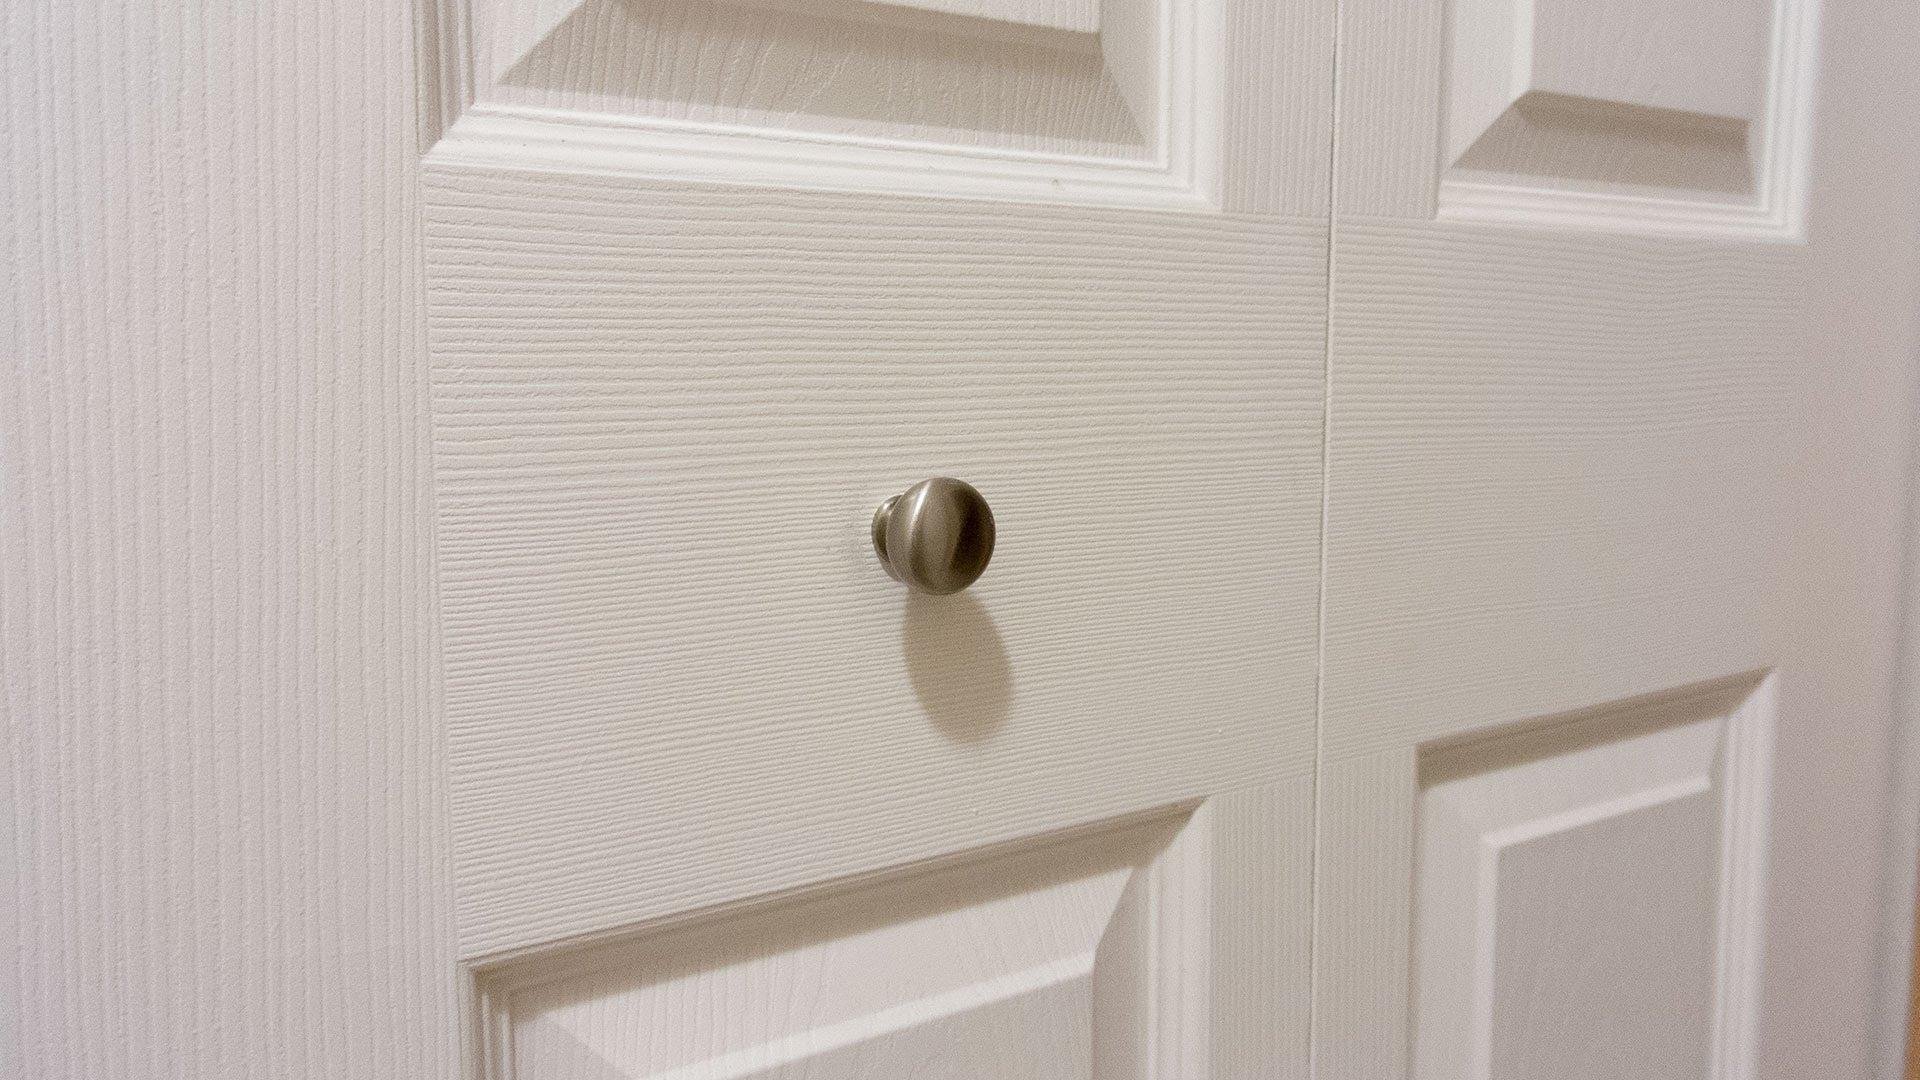 wardrobe door knobs photo - 5